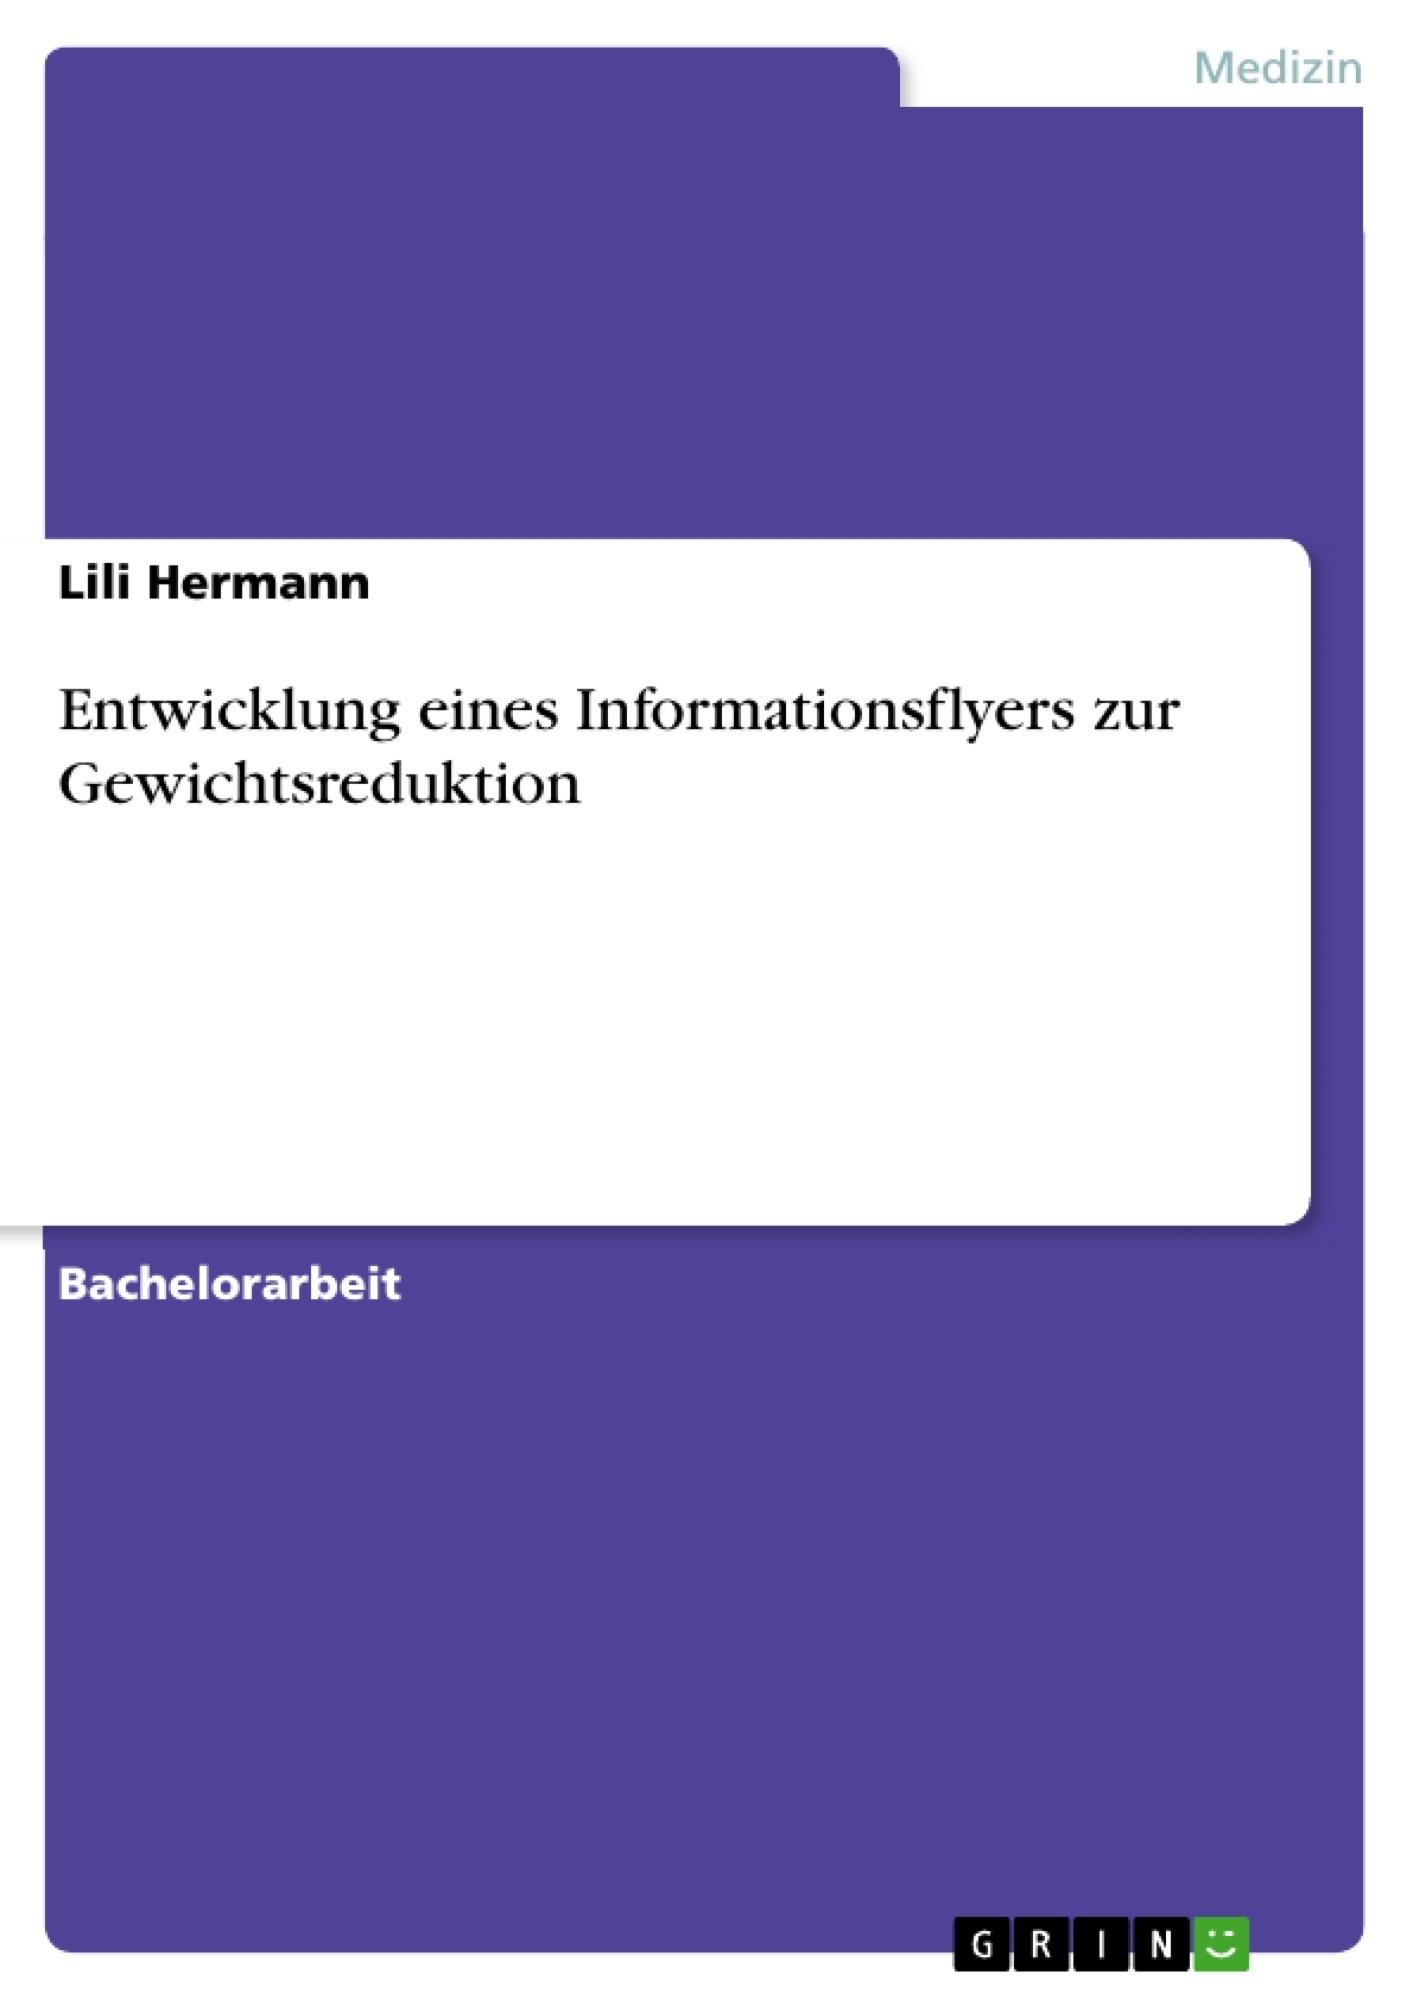 Titel: Entwicklung eines Informationsflyers zur Gewichtsreduktion